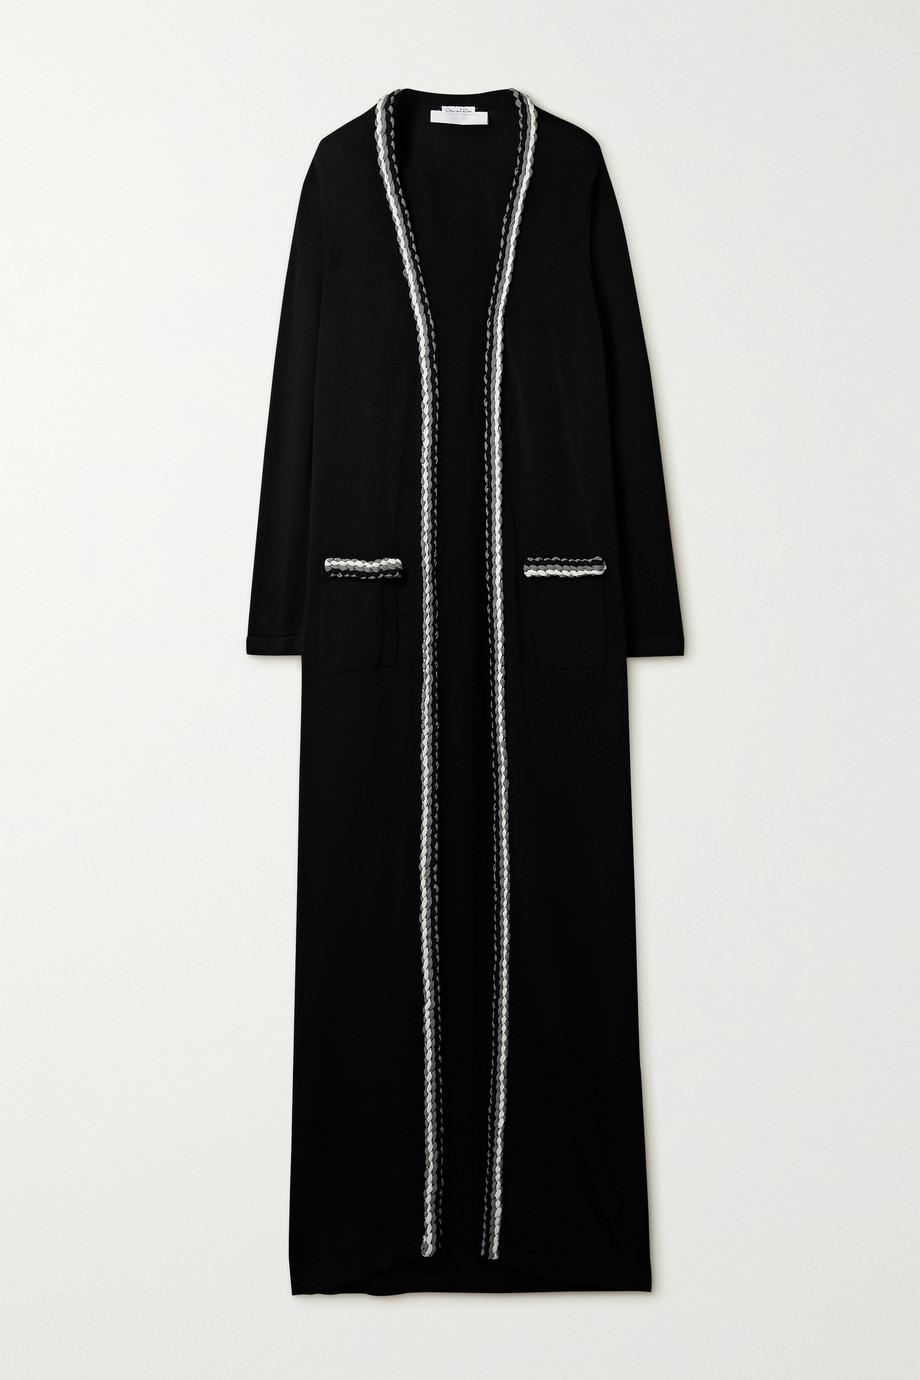 Oscar de la Renta Braided wool-blend cardigan